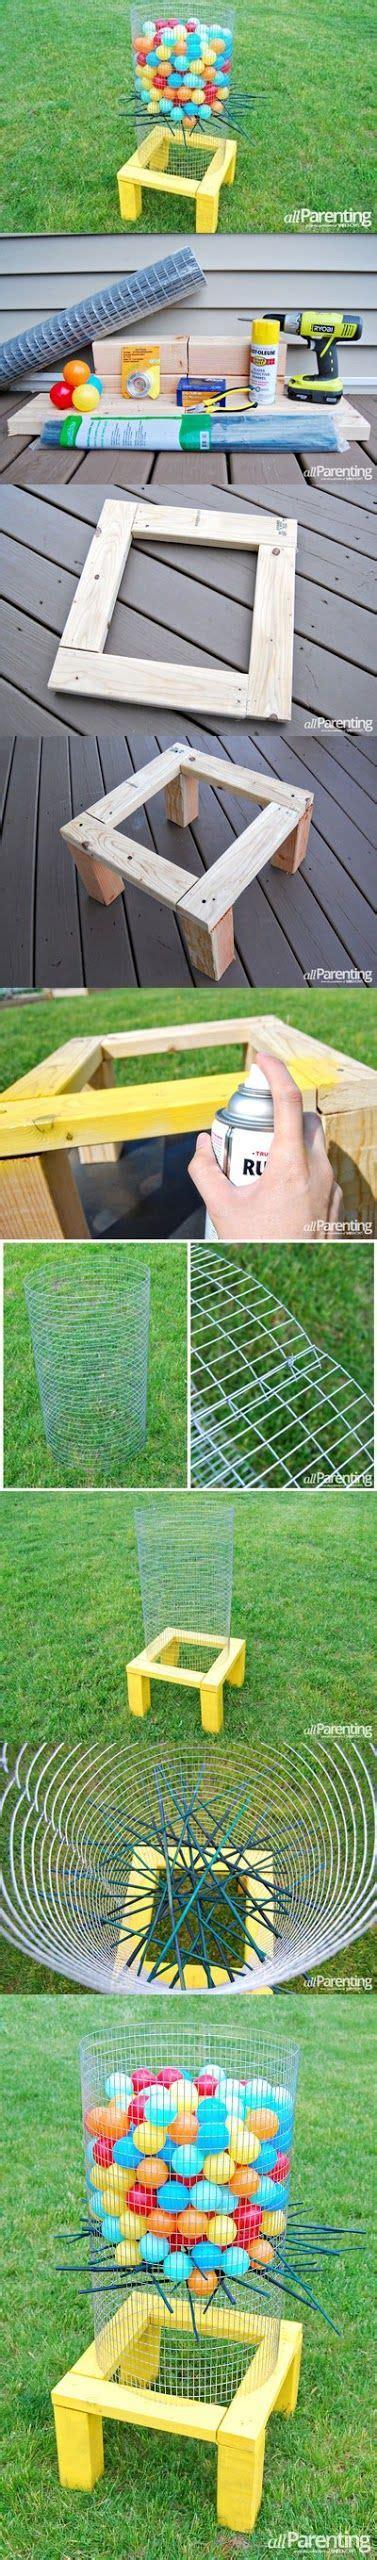 backyard kerplunk game best 25 outdoor games adults ideas on pinterest outdoor games for adults yard